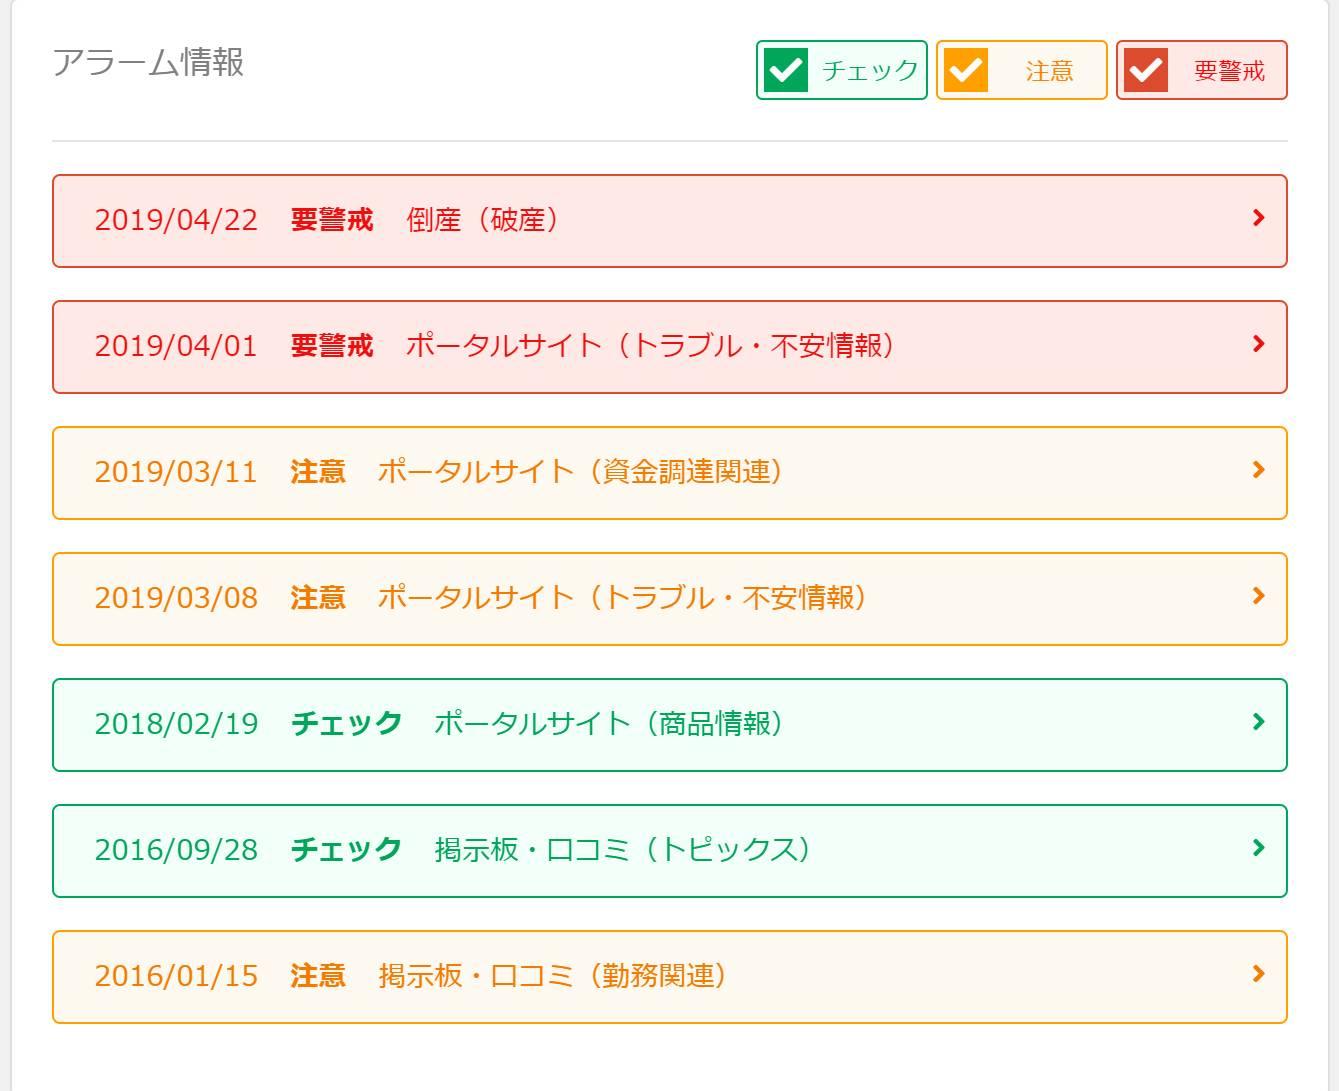 株式会社木乃幡 倒産情報